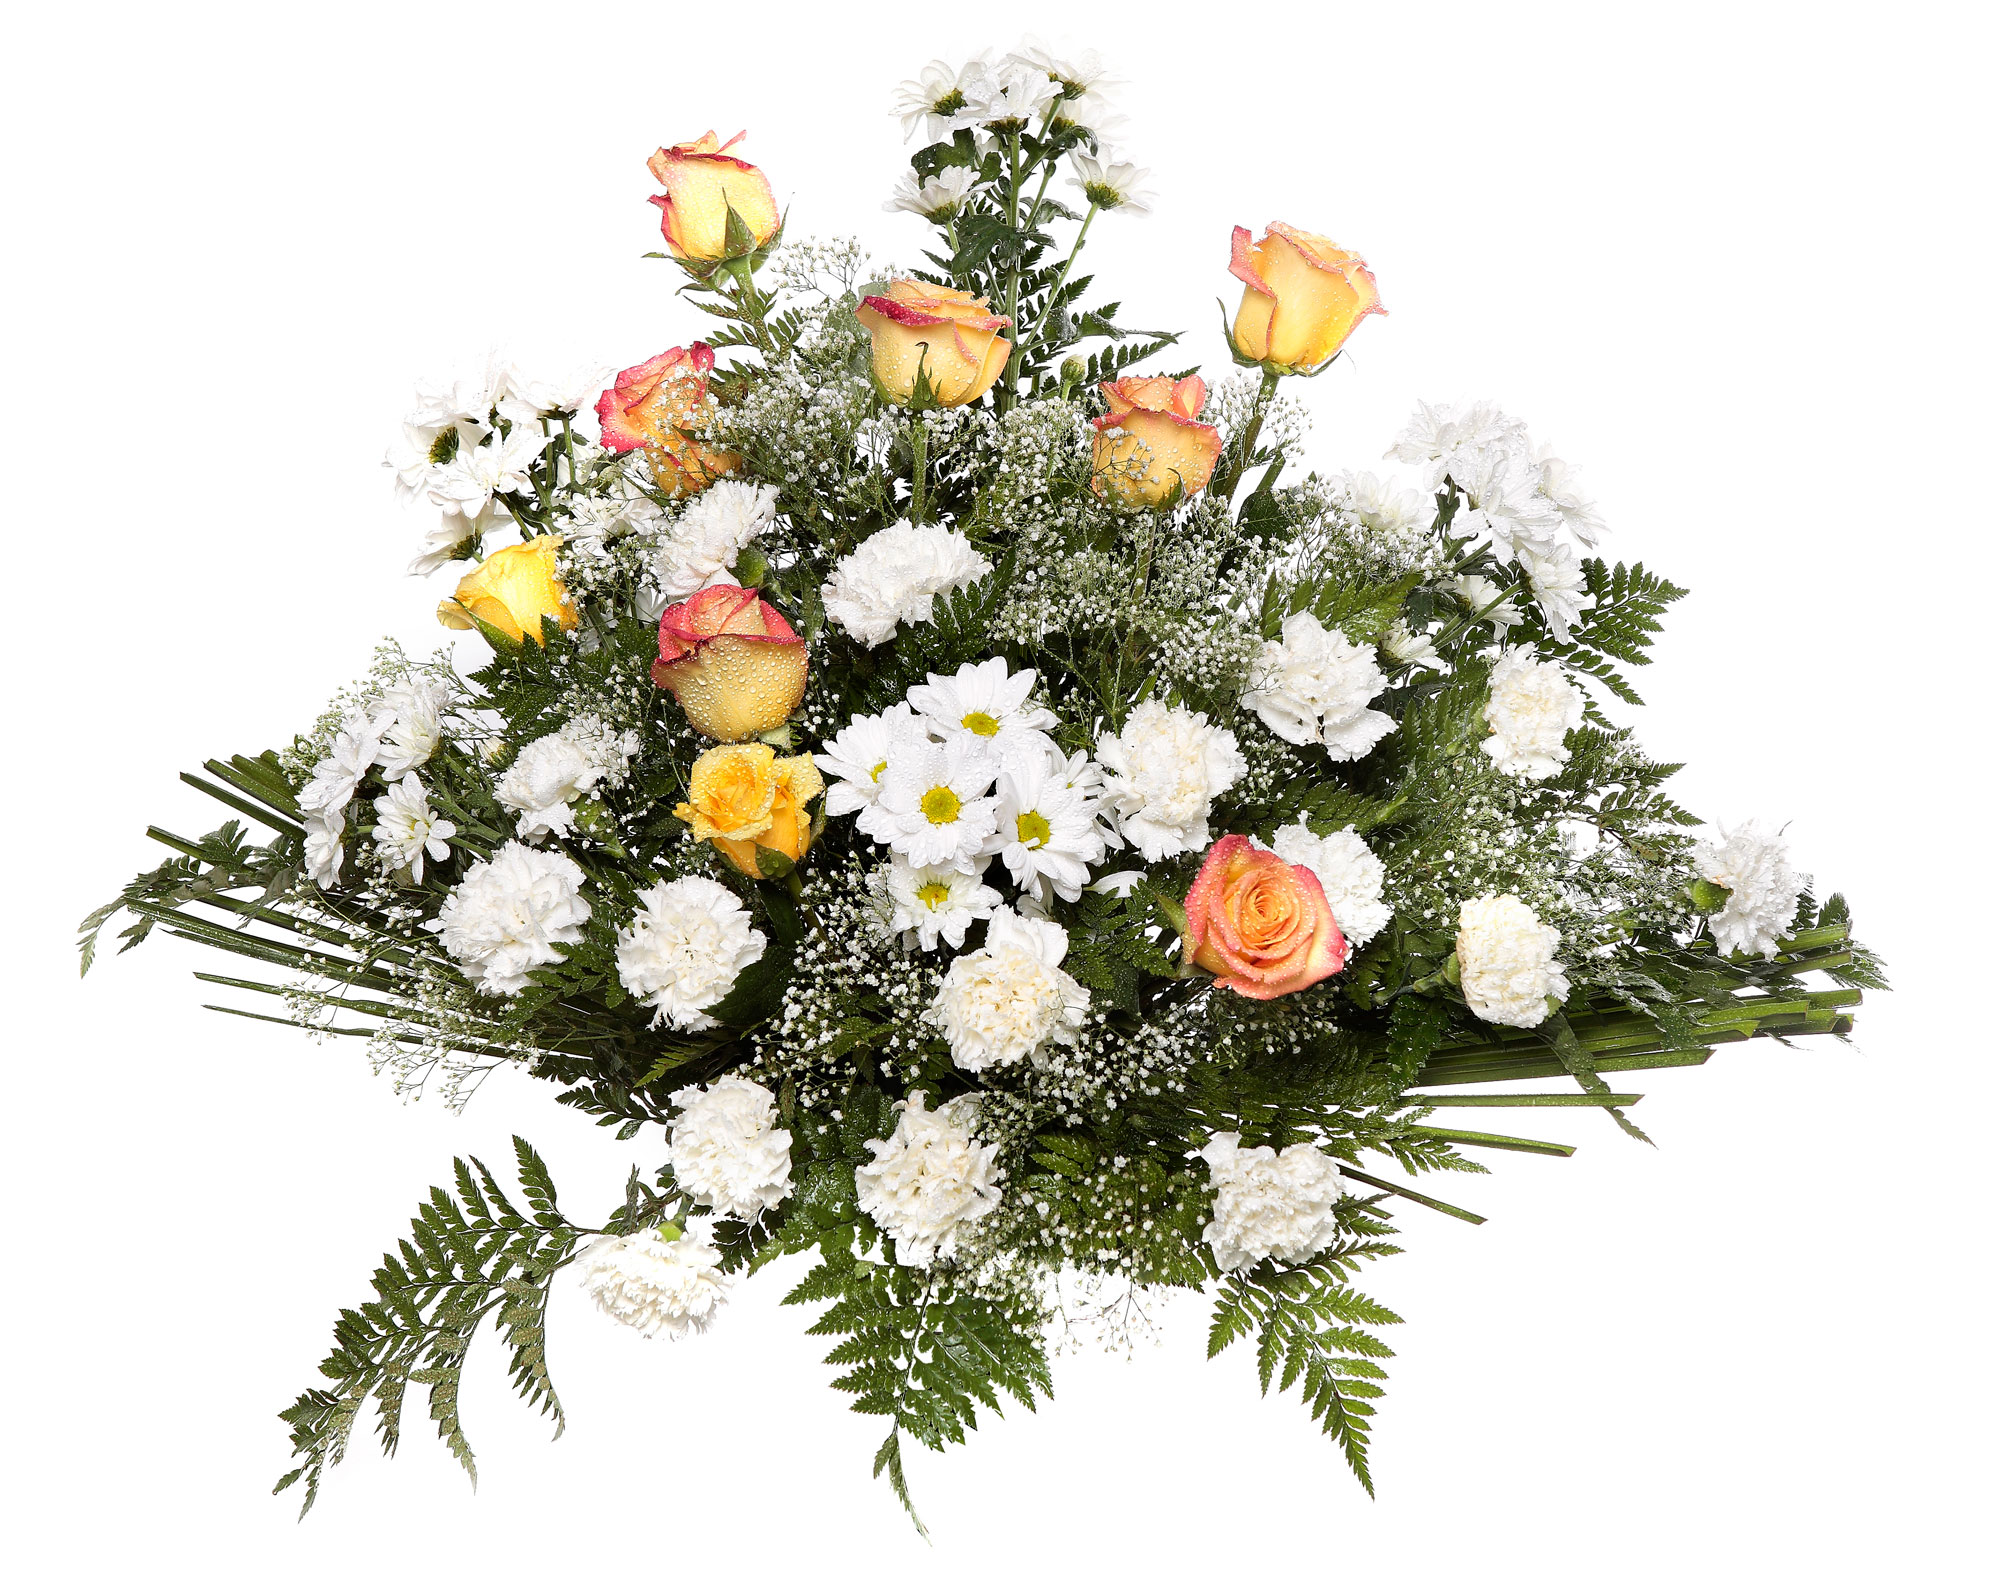 Centro flores modelo 3 tanatorio detalles tanatorios - Centros de rosas naturales ...